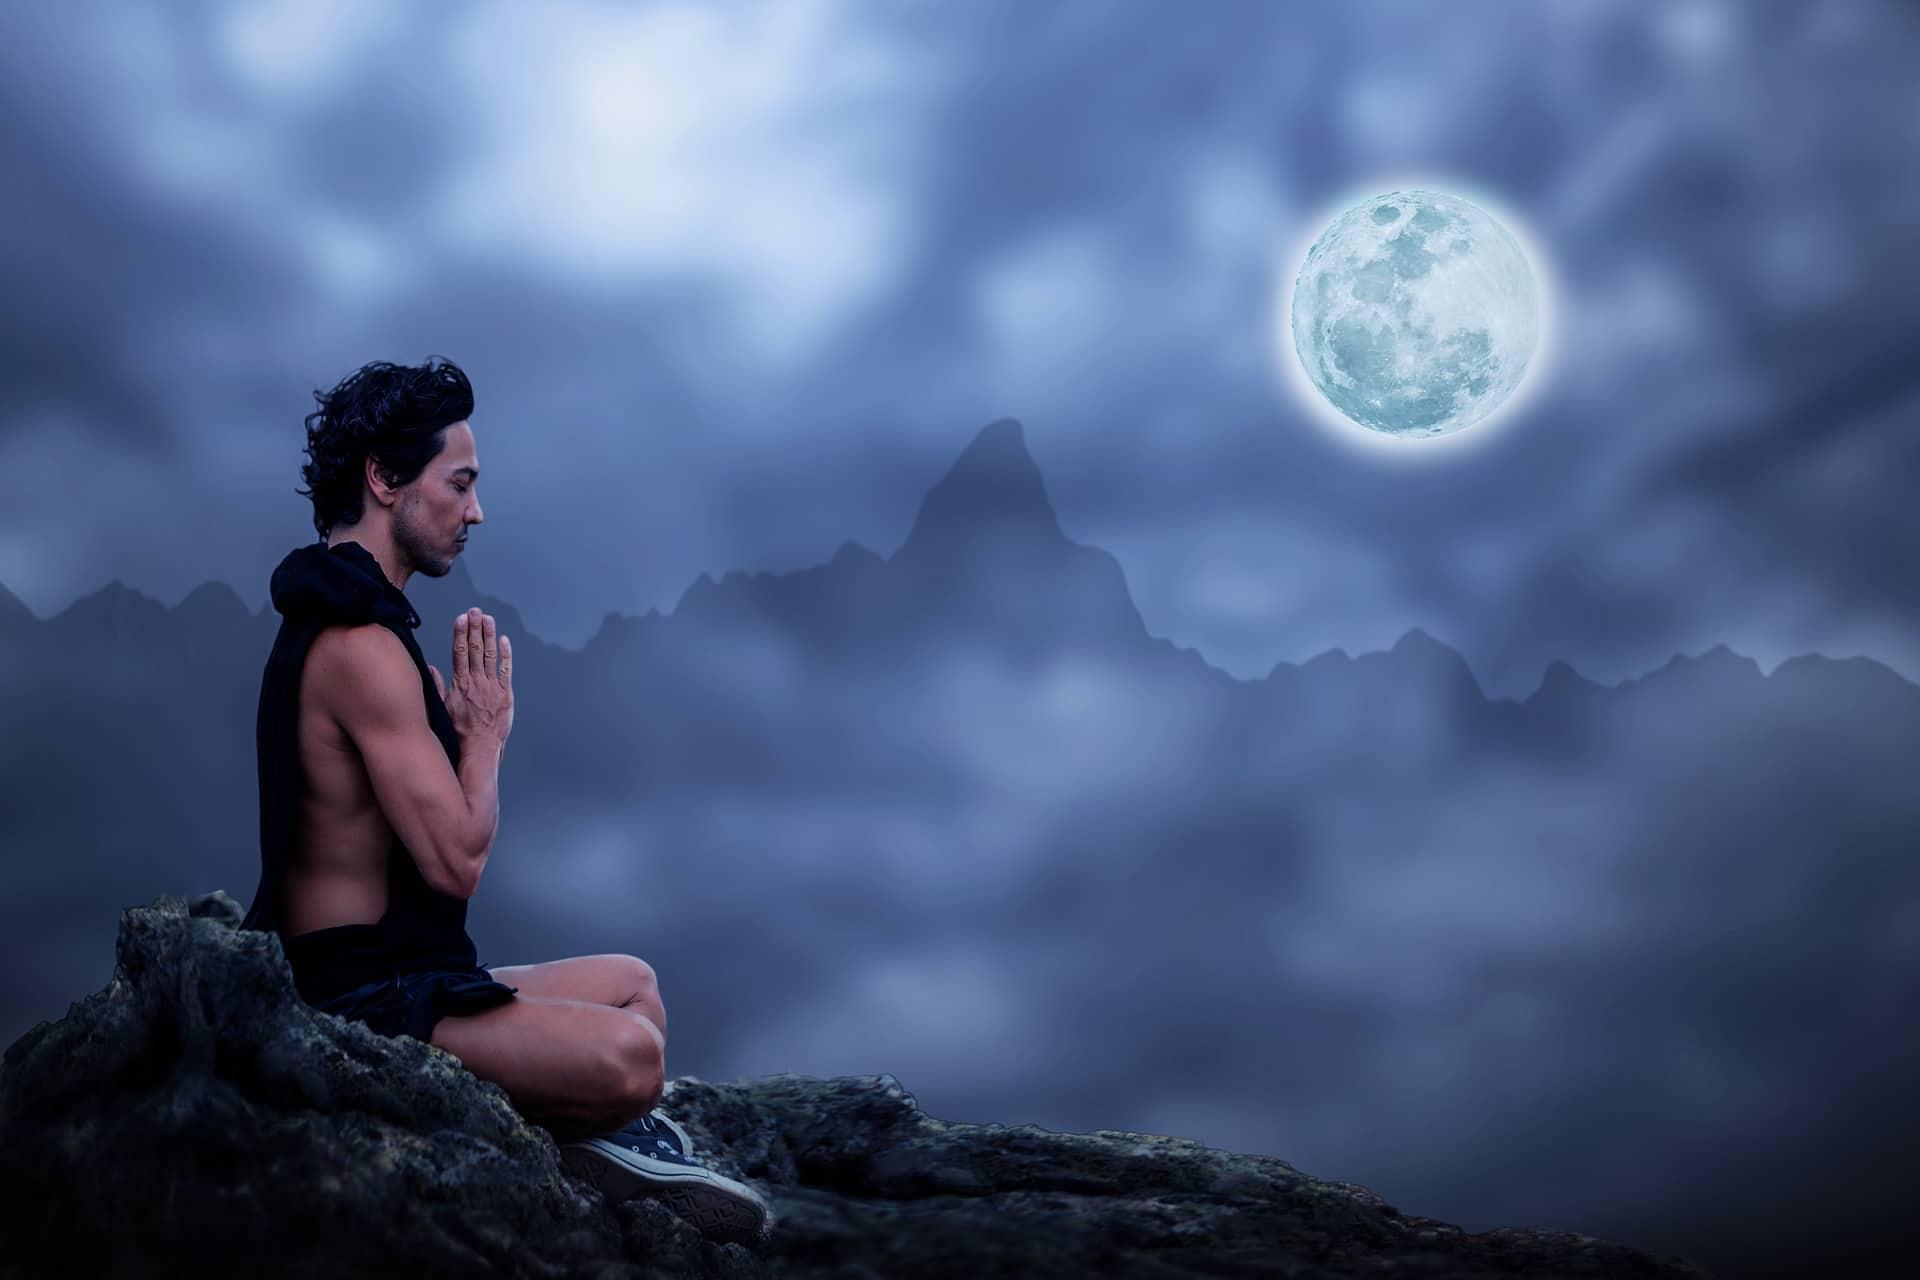 meditation-2717462_1920-min